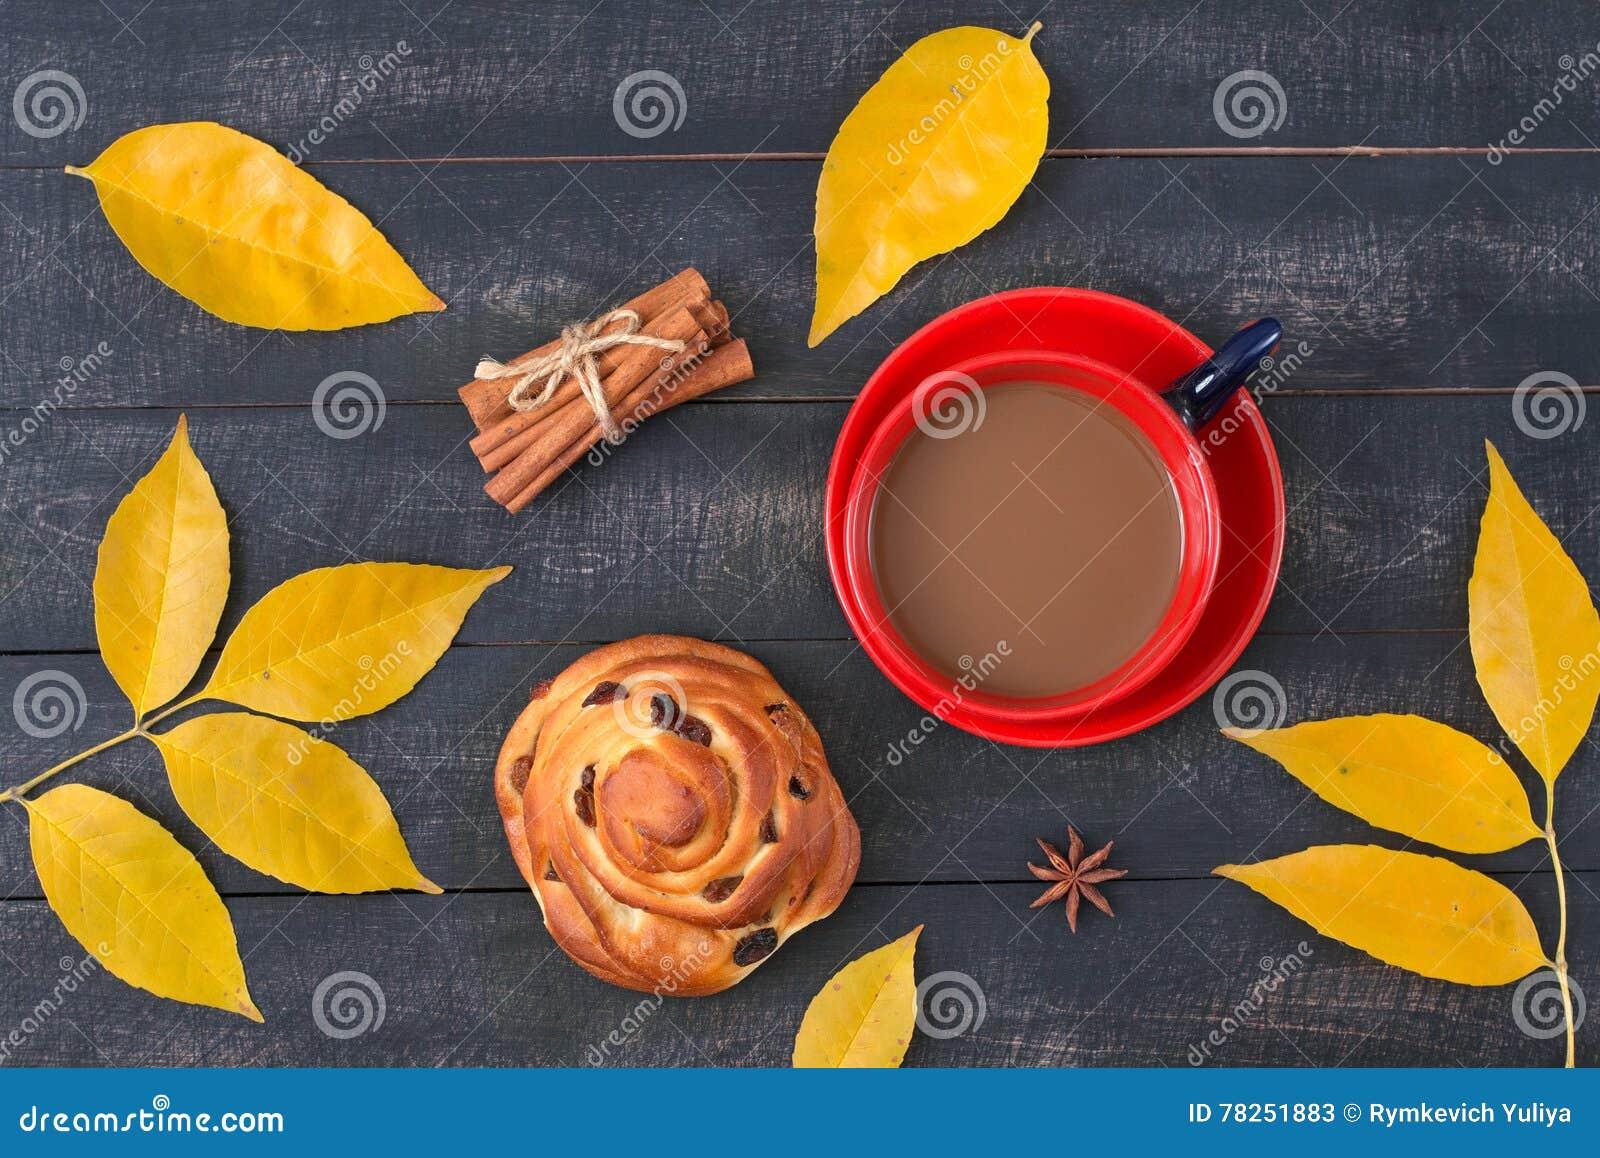 Ð ¡ επάνω του καφέ και ενός κουλουριού κανέλας με μεταξύ του φθινοπώρου φεύγει